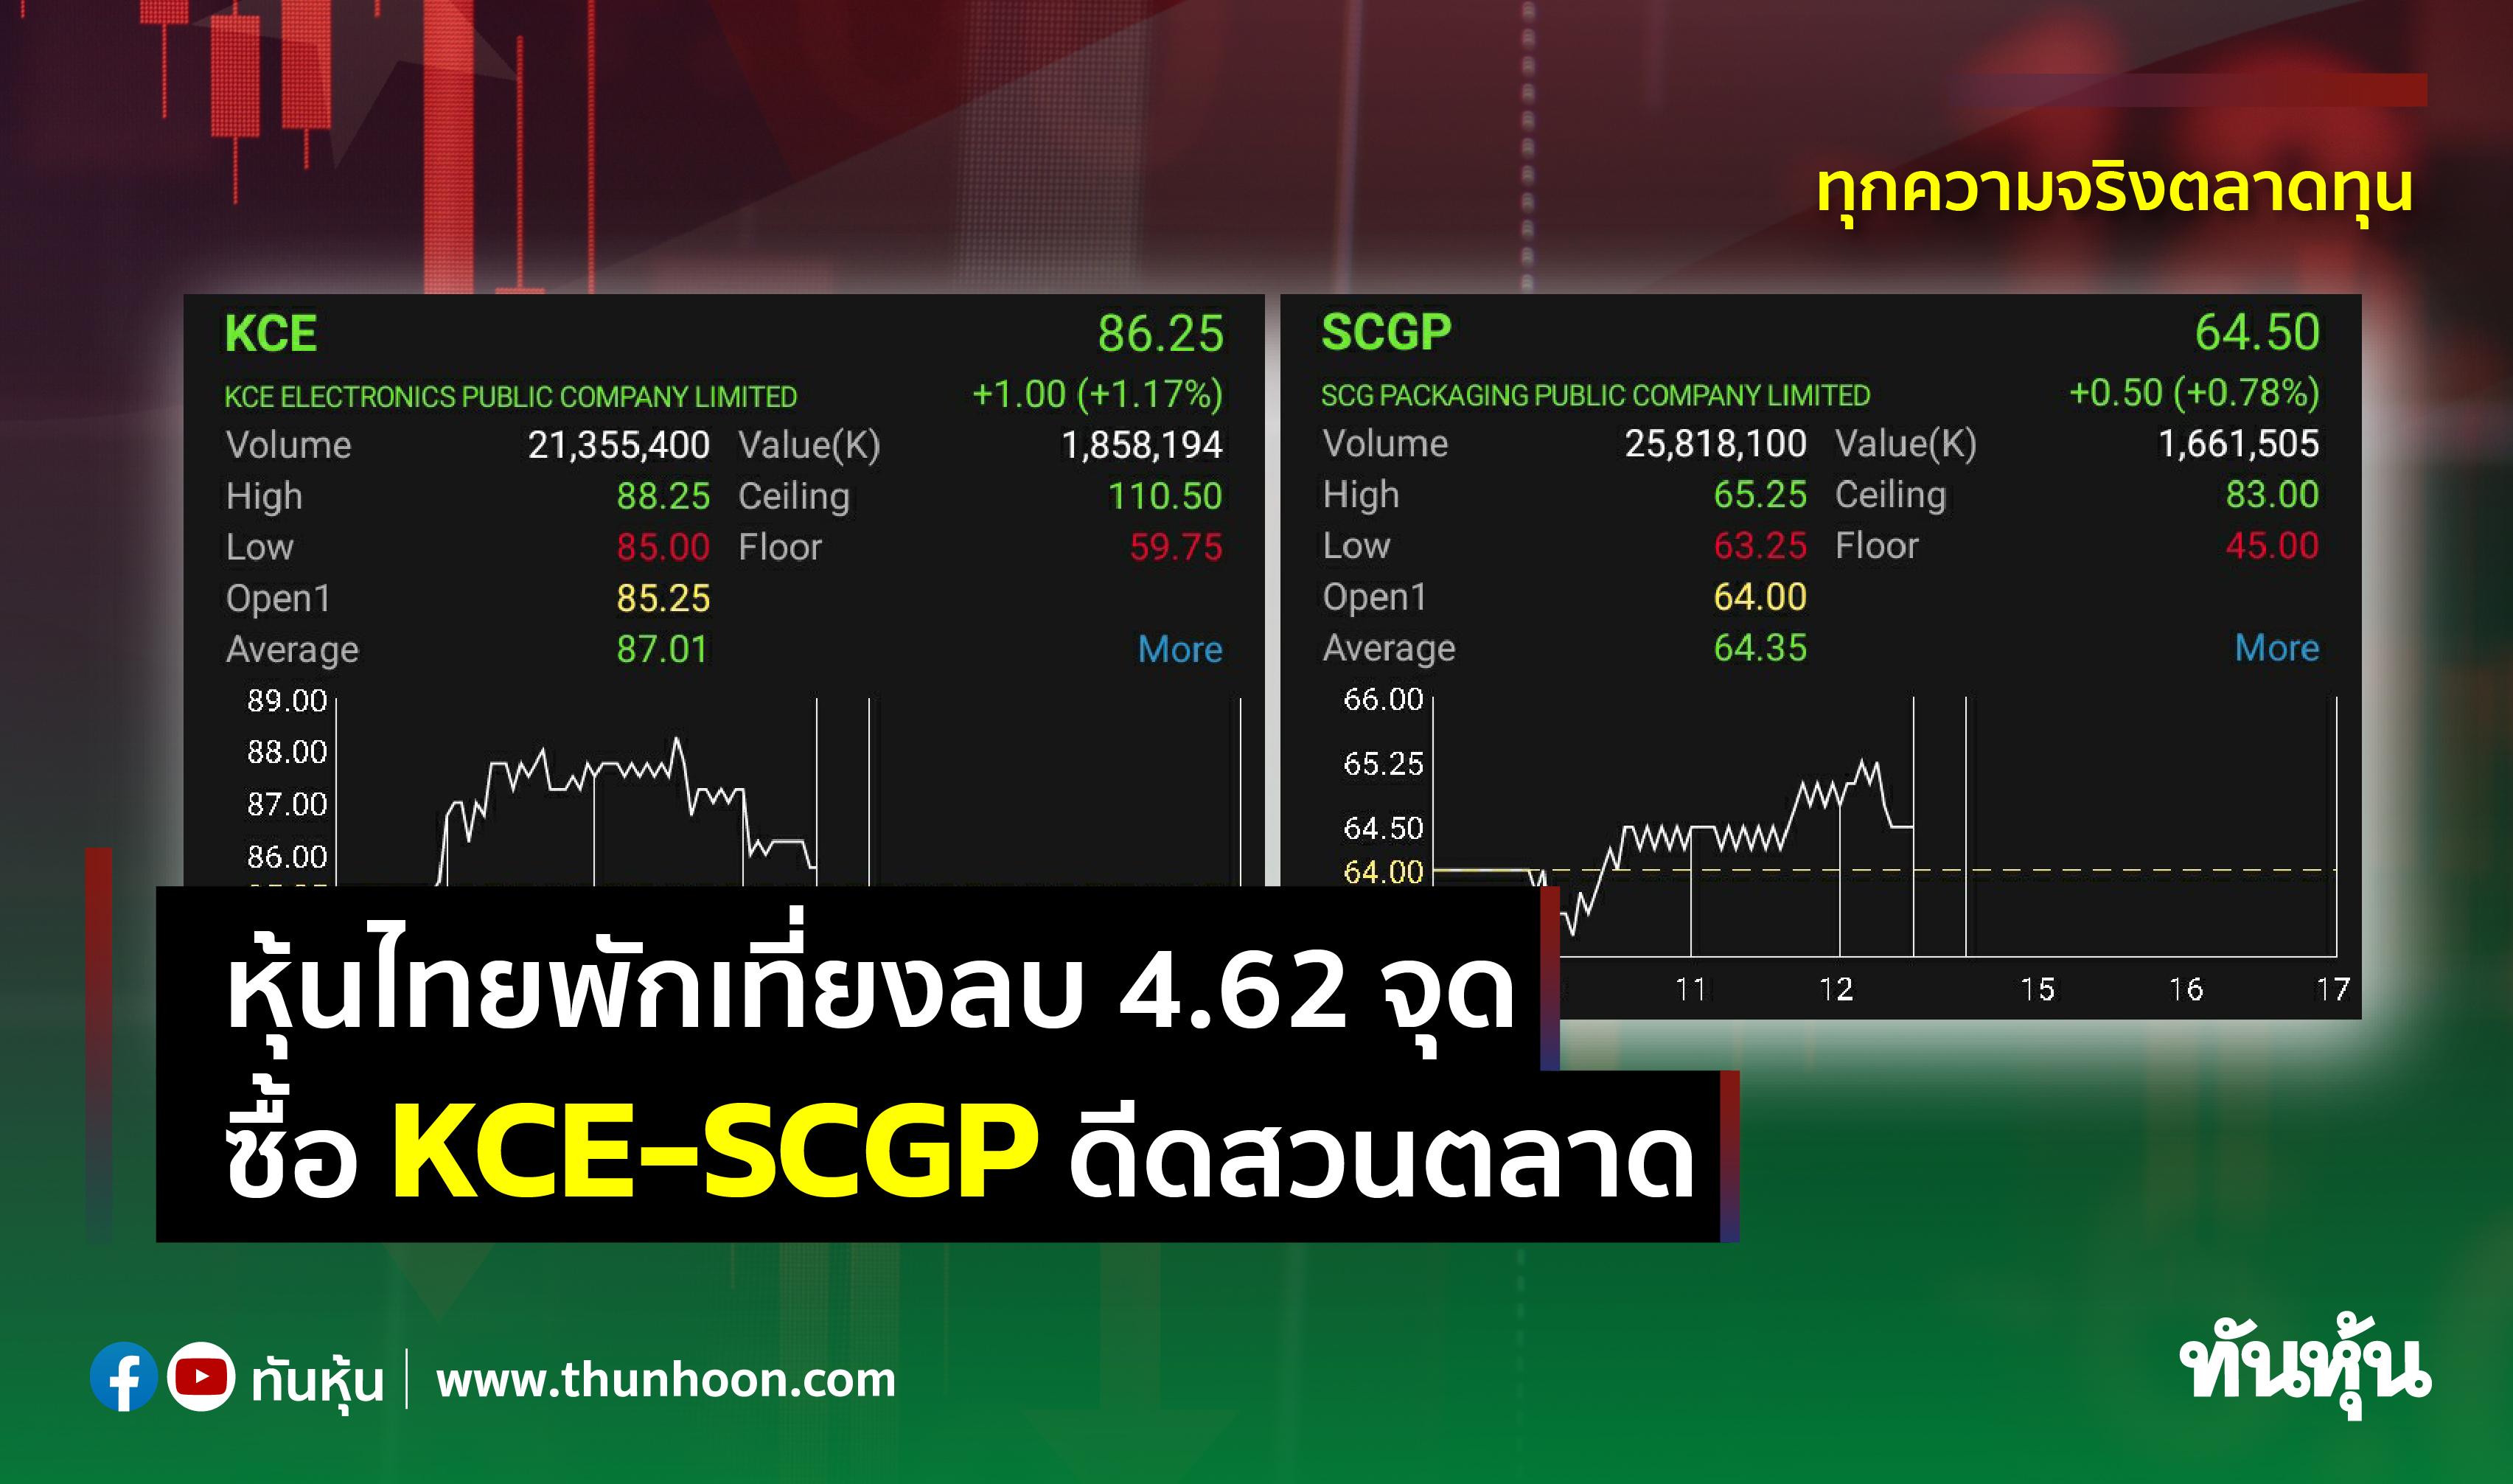 หุ้นไทยพักเที่ยงลบ 4.62 จุด  ซื้อ KCE-SCGP ดีดสวนตลาด